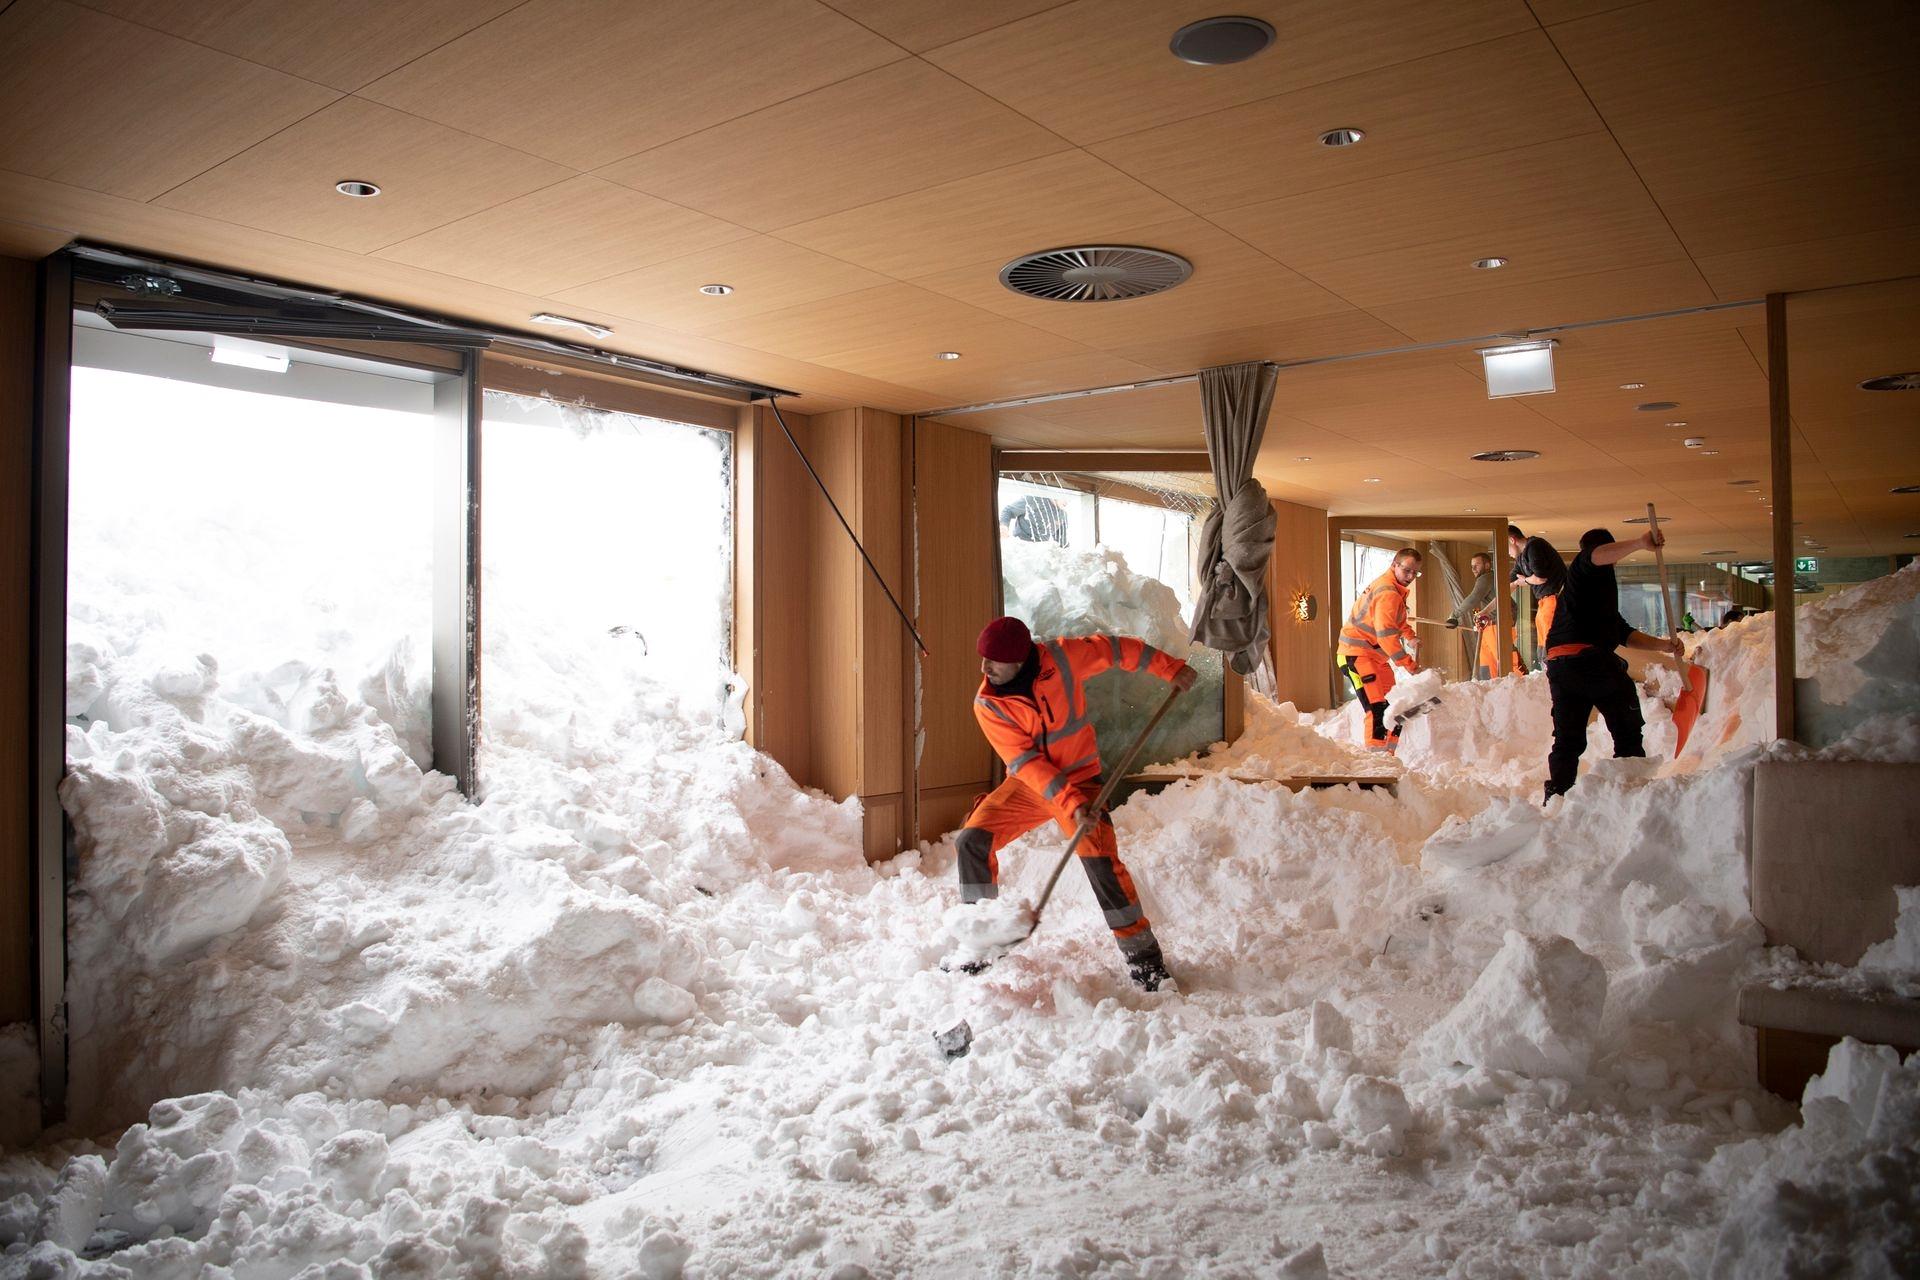 Mùa đông khắc nghiệt với tuyết rơi dày ở nhiều nơi trên thế giới Ảnh 8